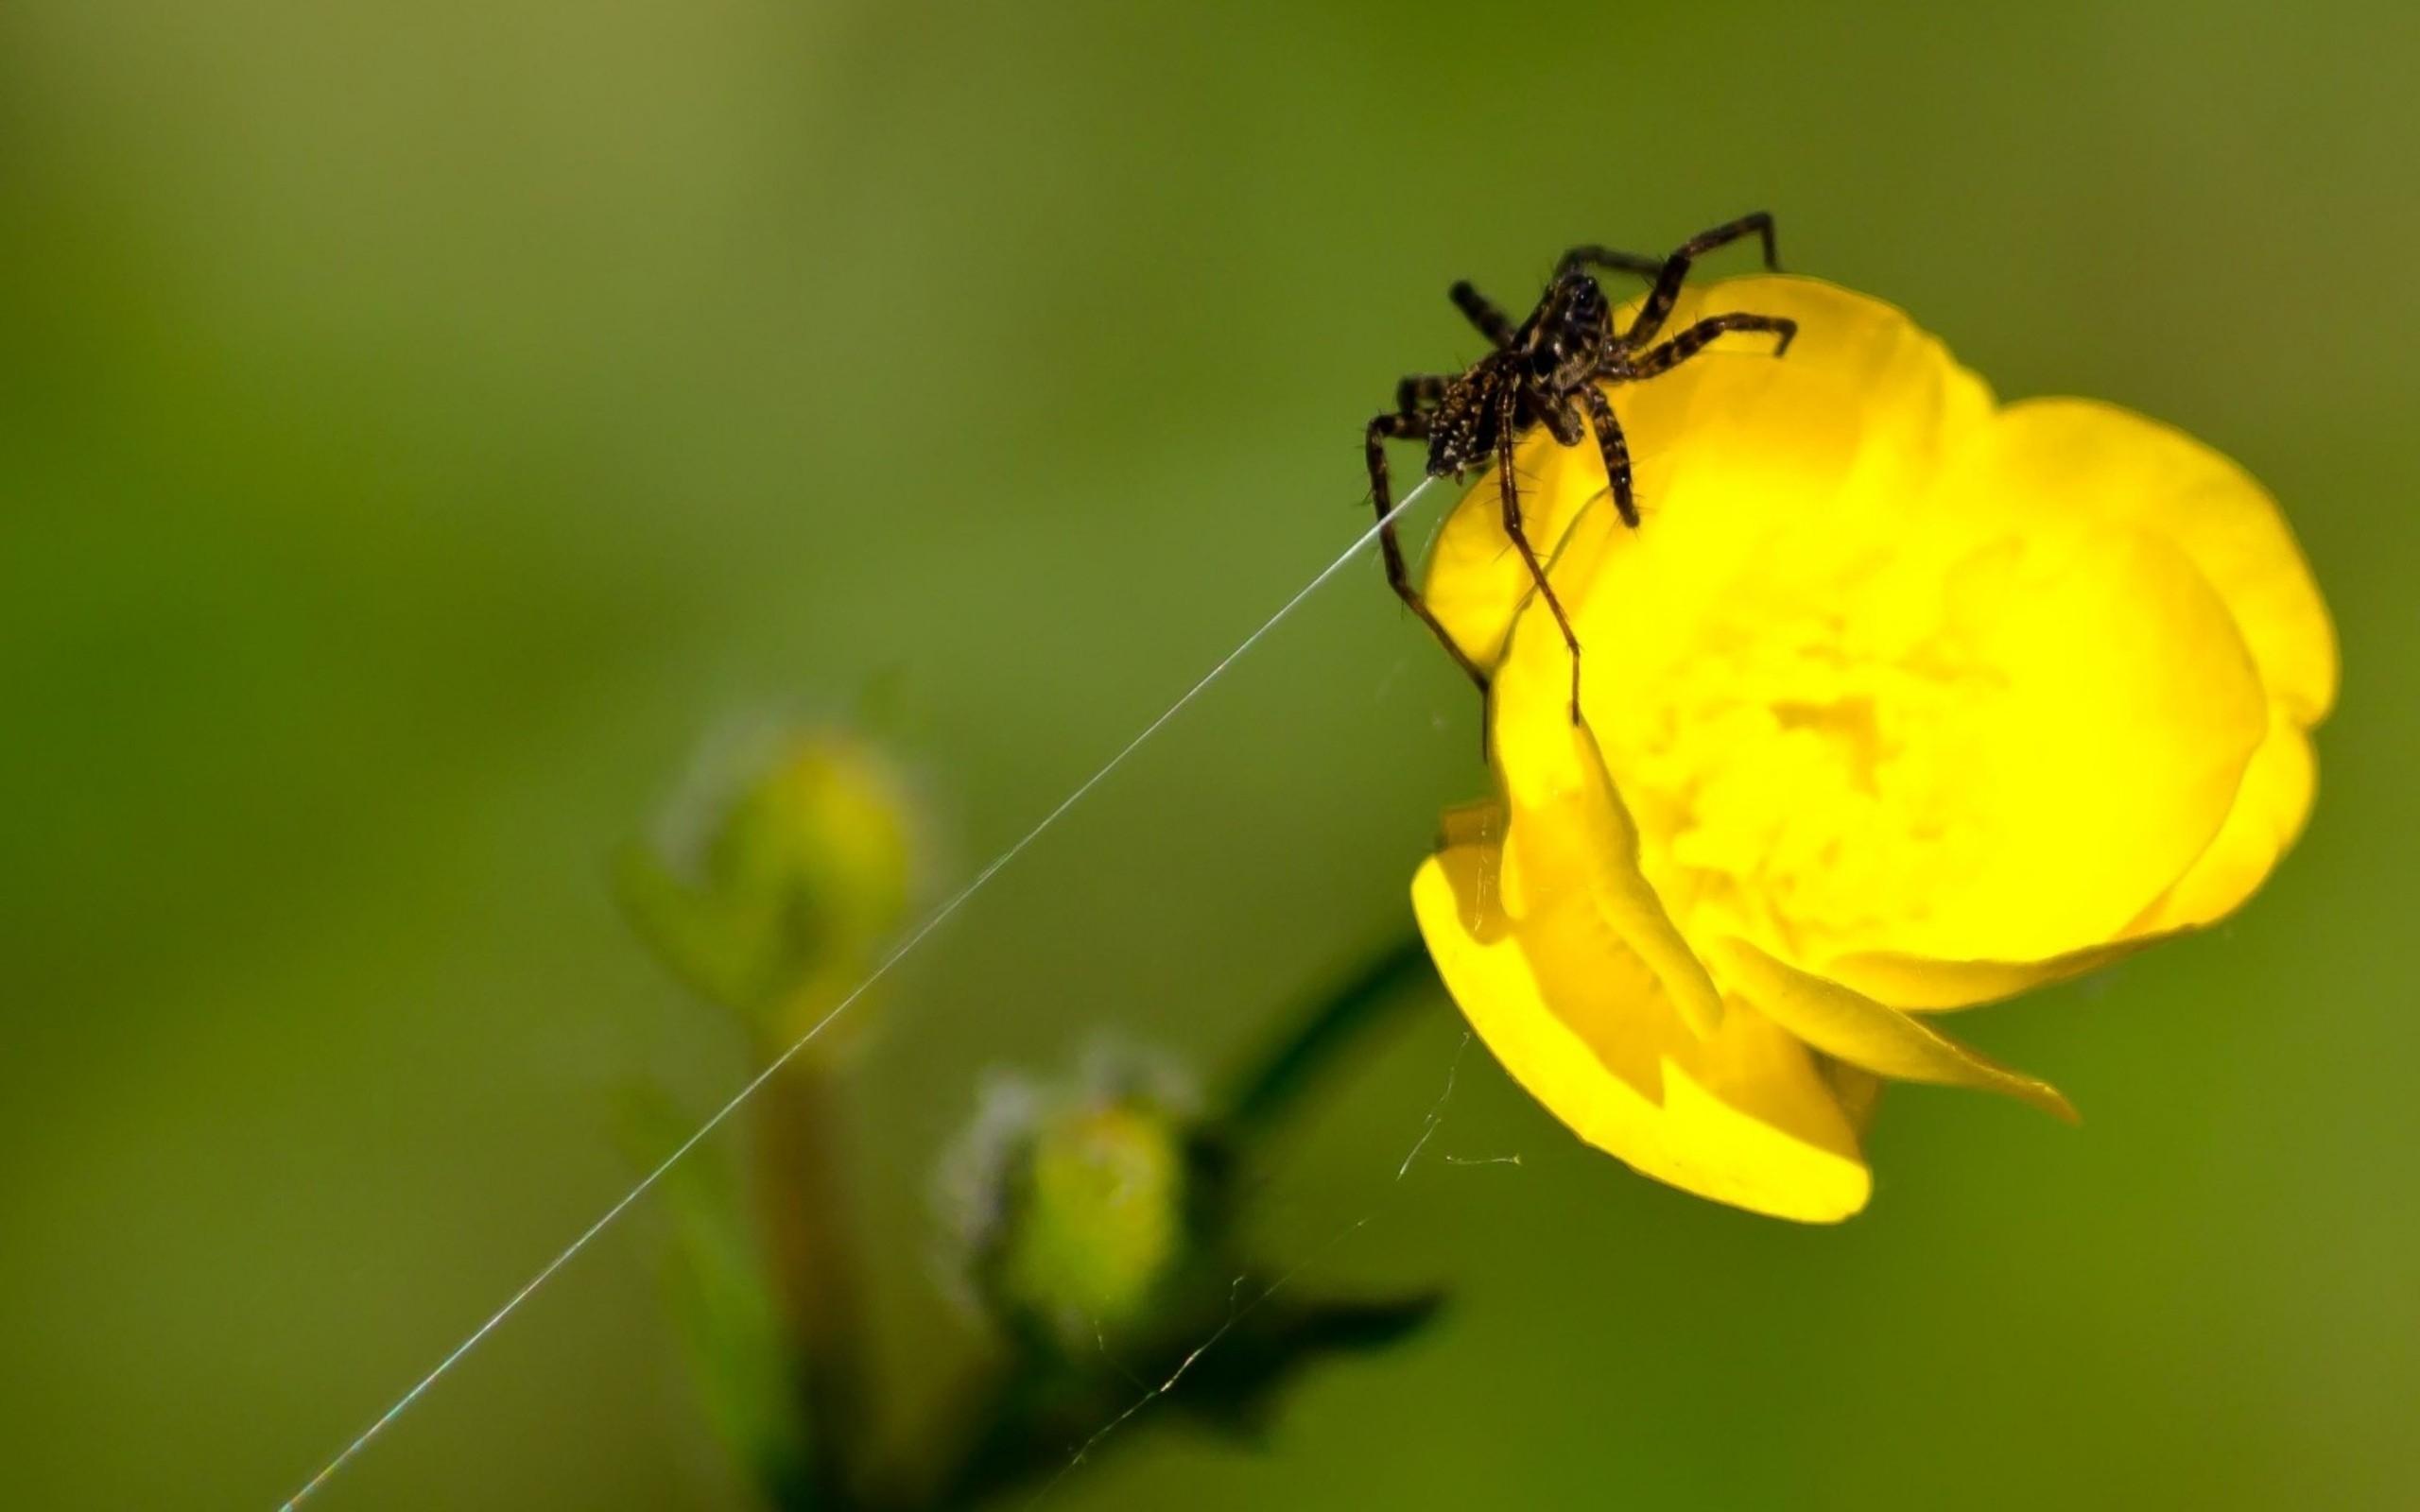 постоянные цветочный паук картинка браузер сделает поиск